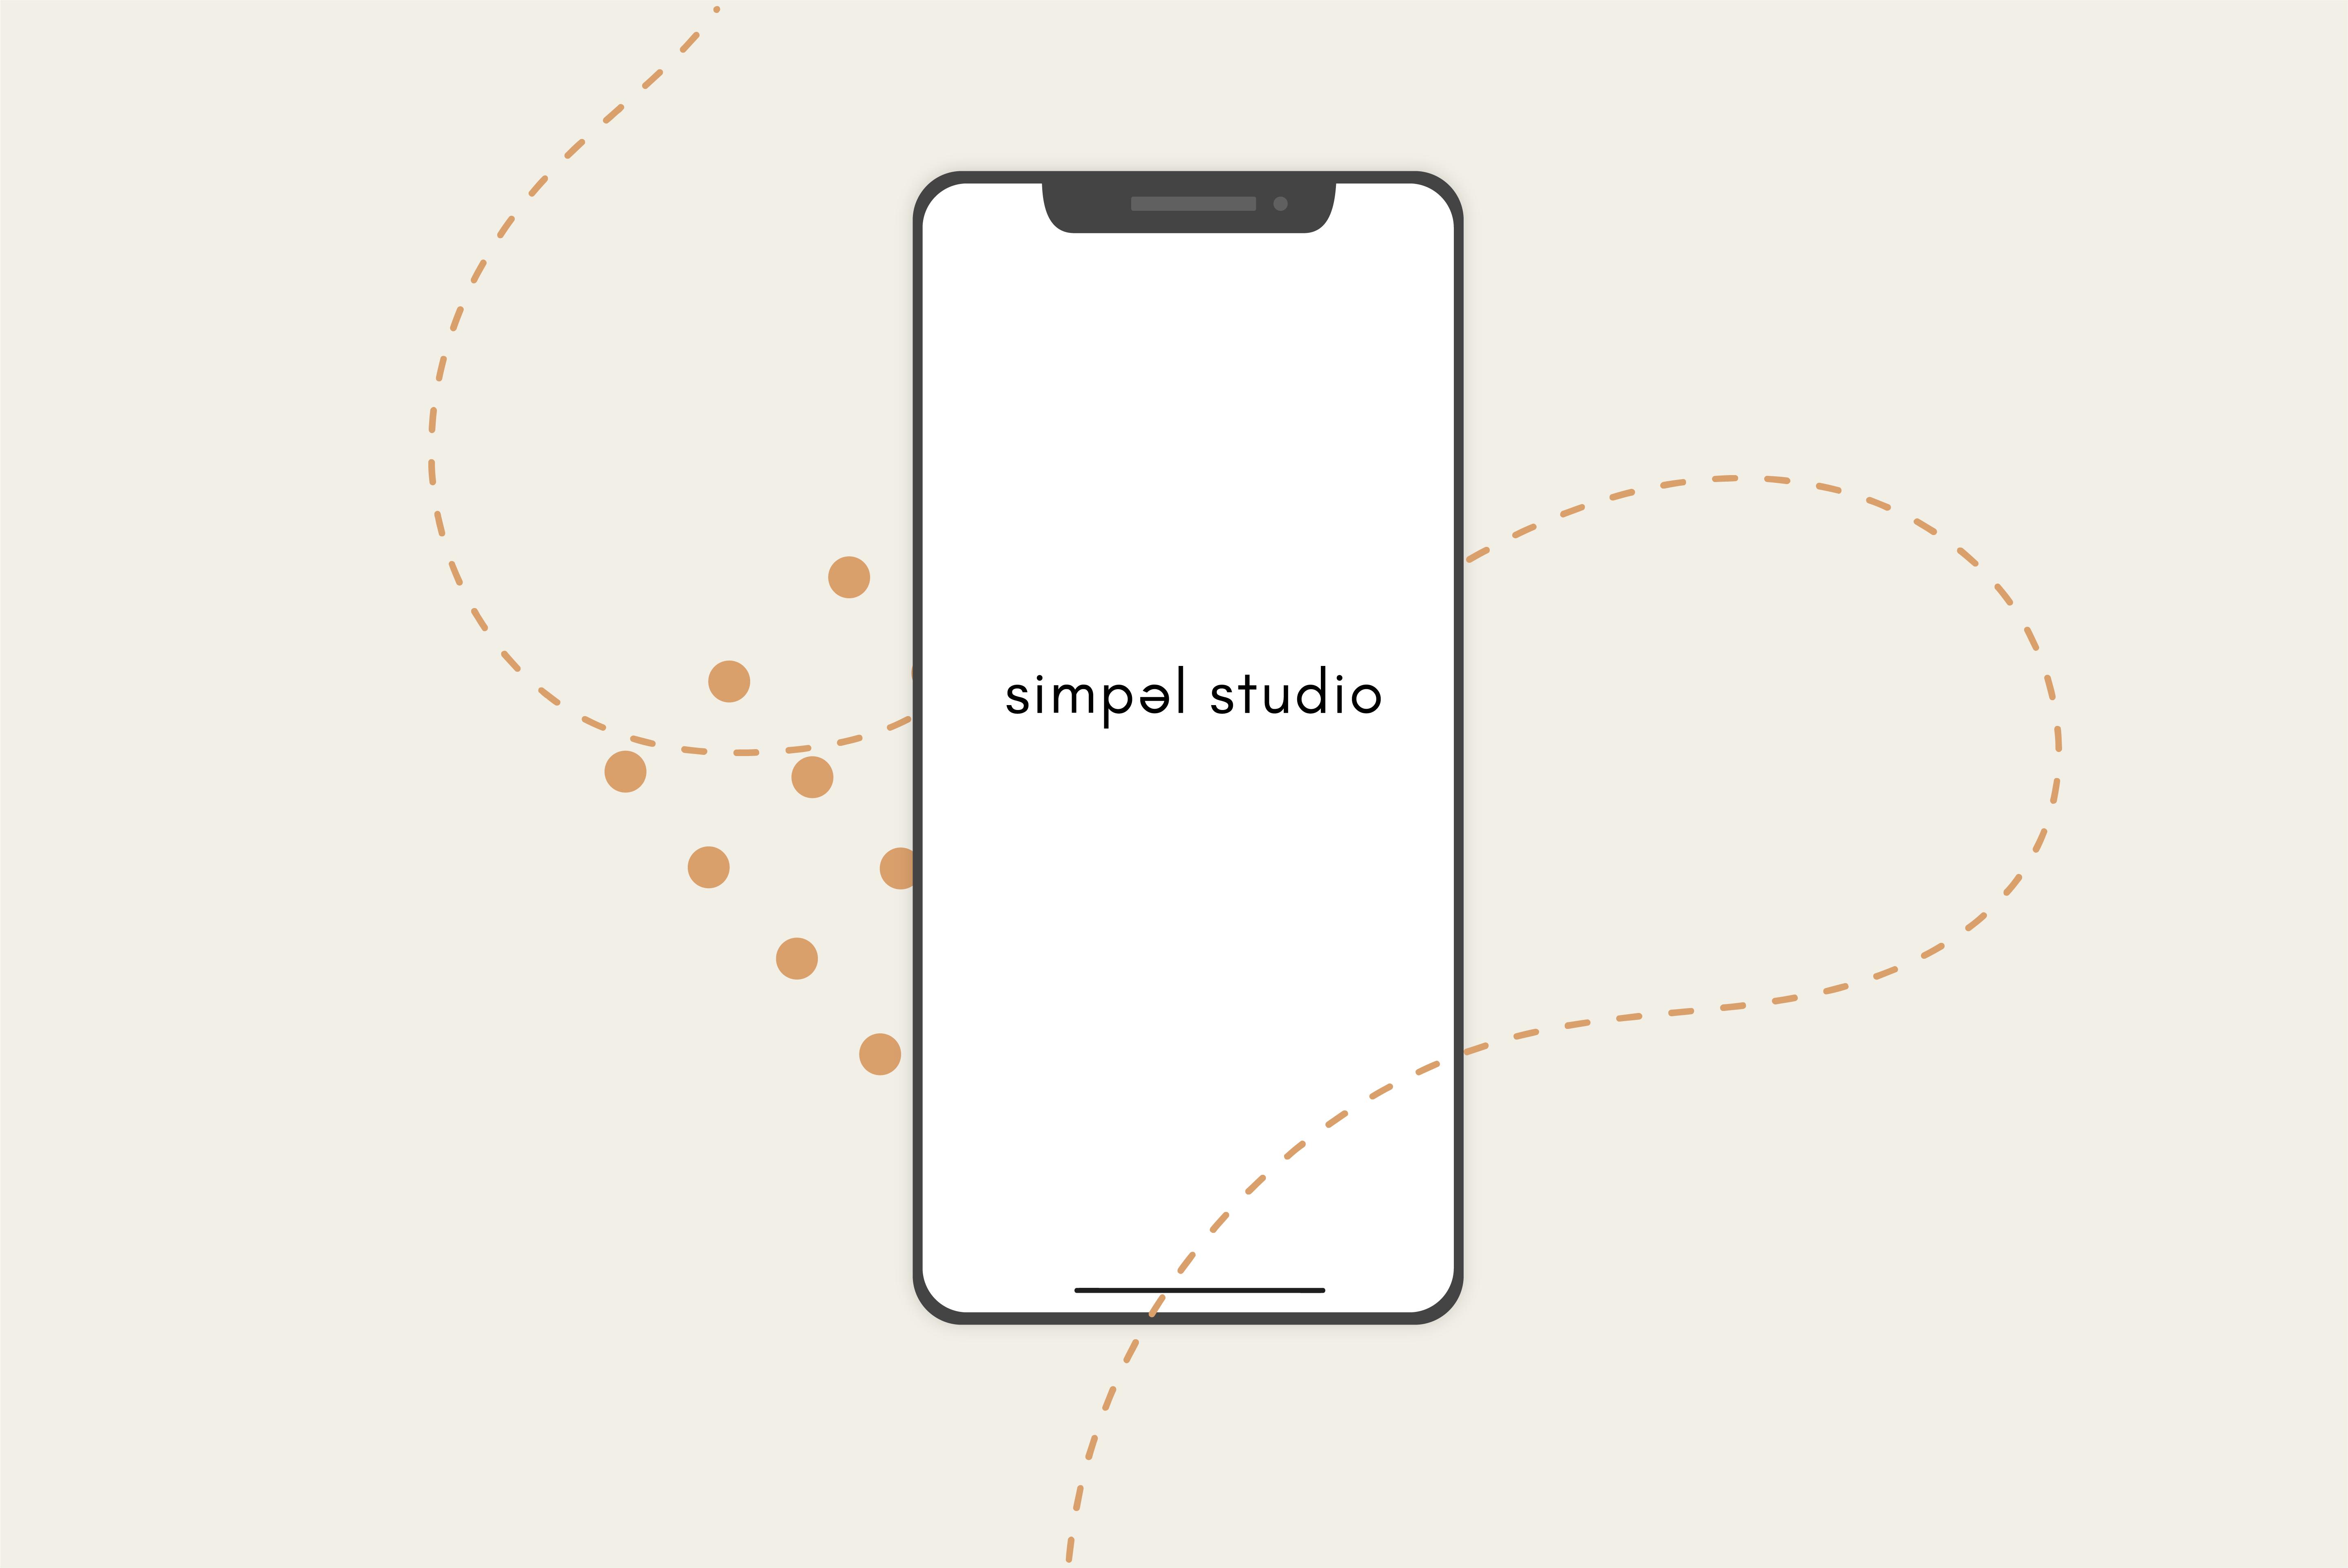 simpel studio